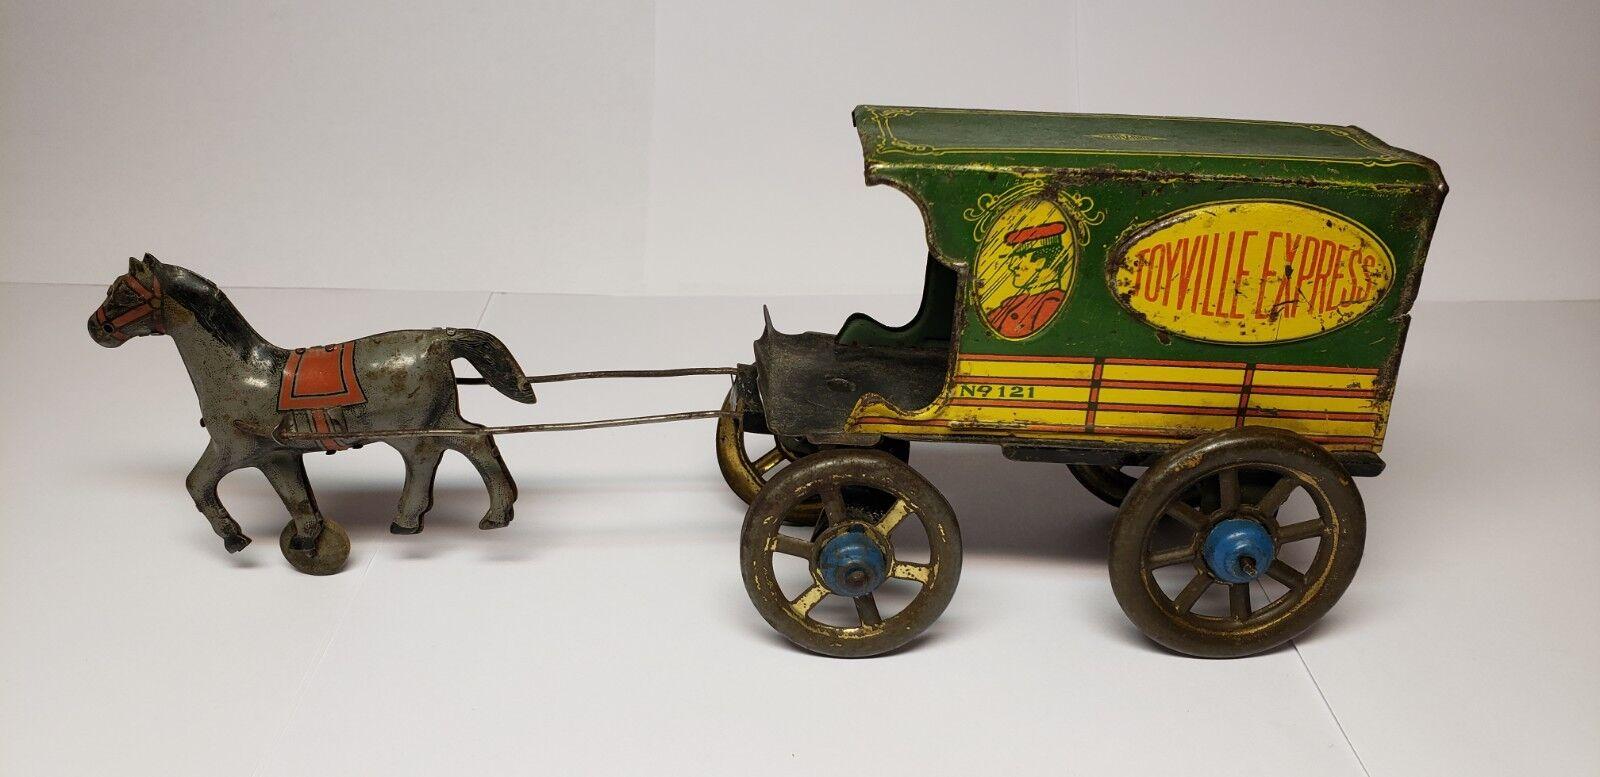 RARE VINTAGE 1930'S CHEIN NONPAREIL HORSE DRAWN TOYVILLE EXPRESS WAGON TIN TOY